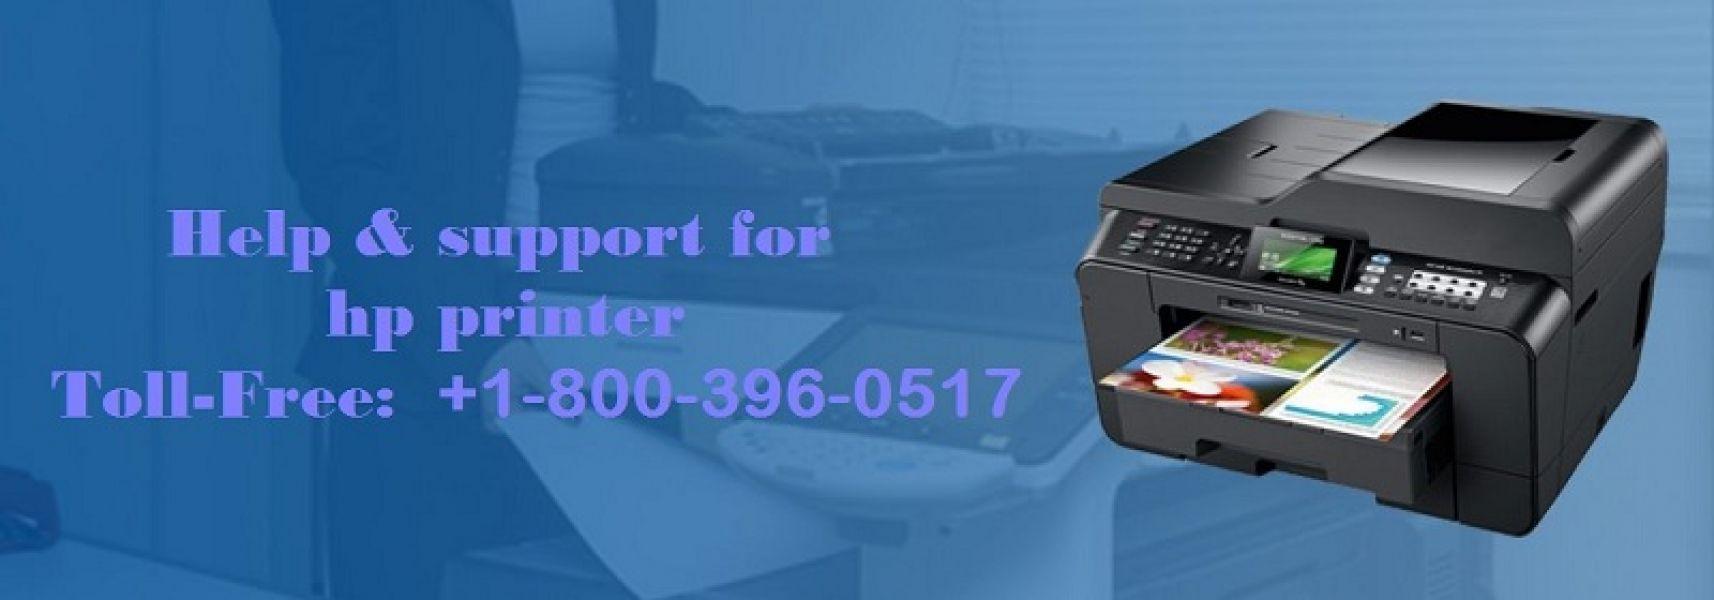 HP Officejet Pro 8610 Inkt - Altijd de Goedkoopste Online